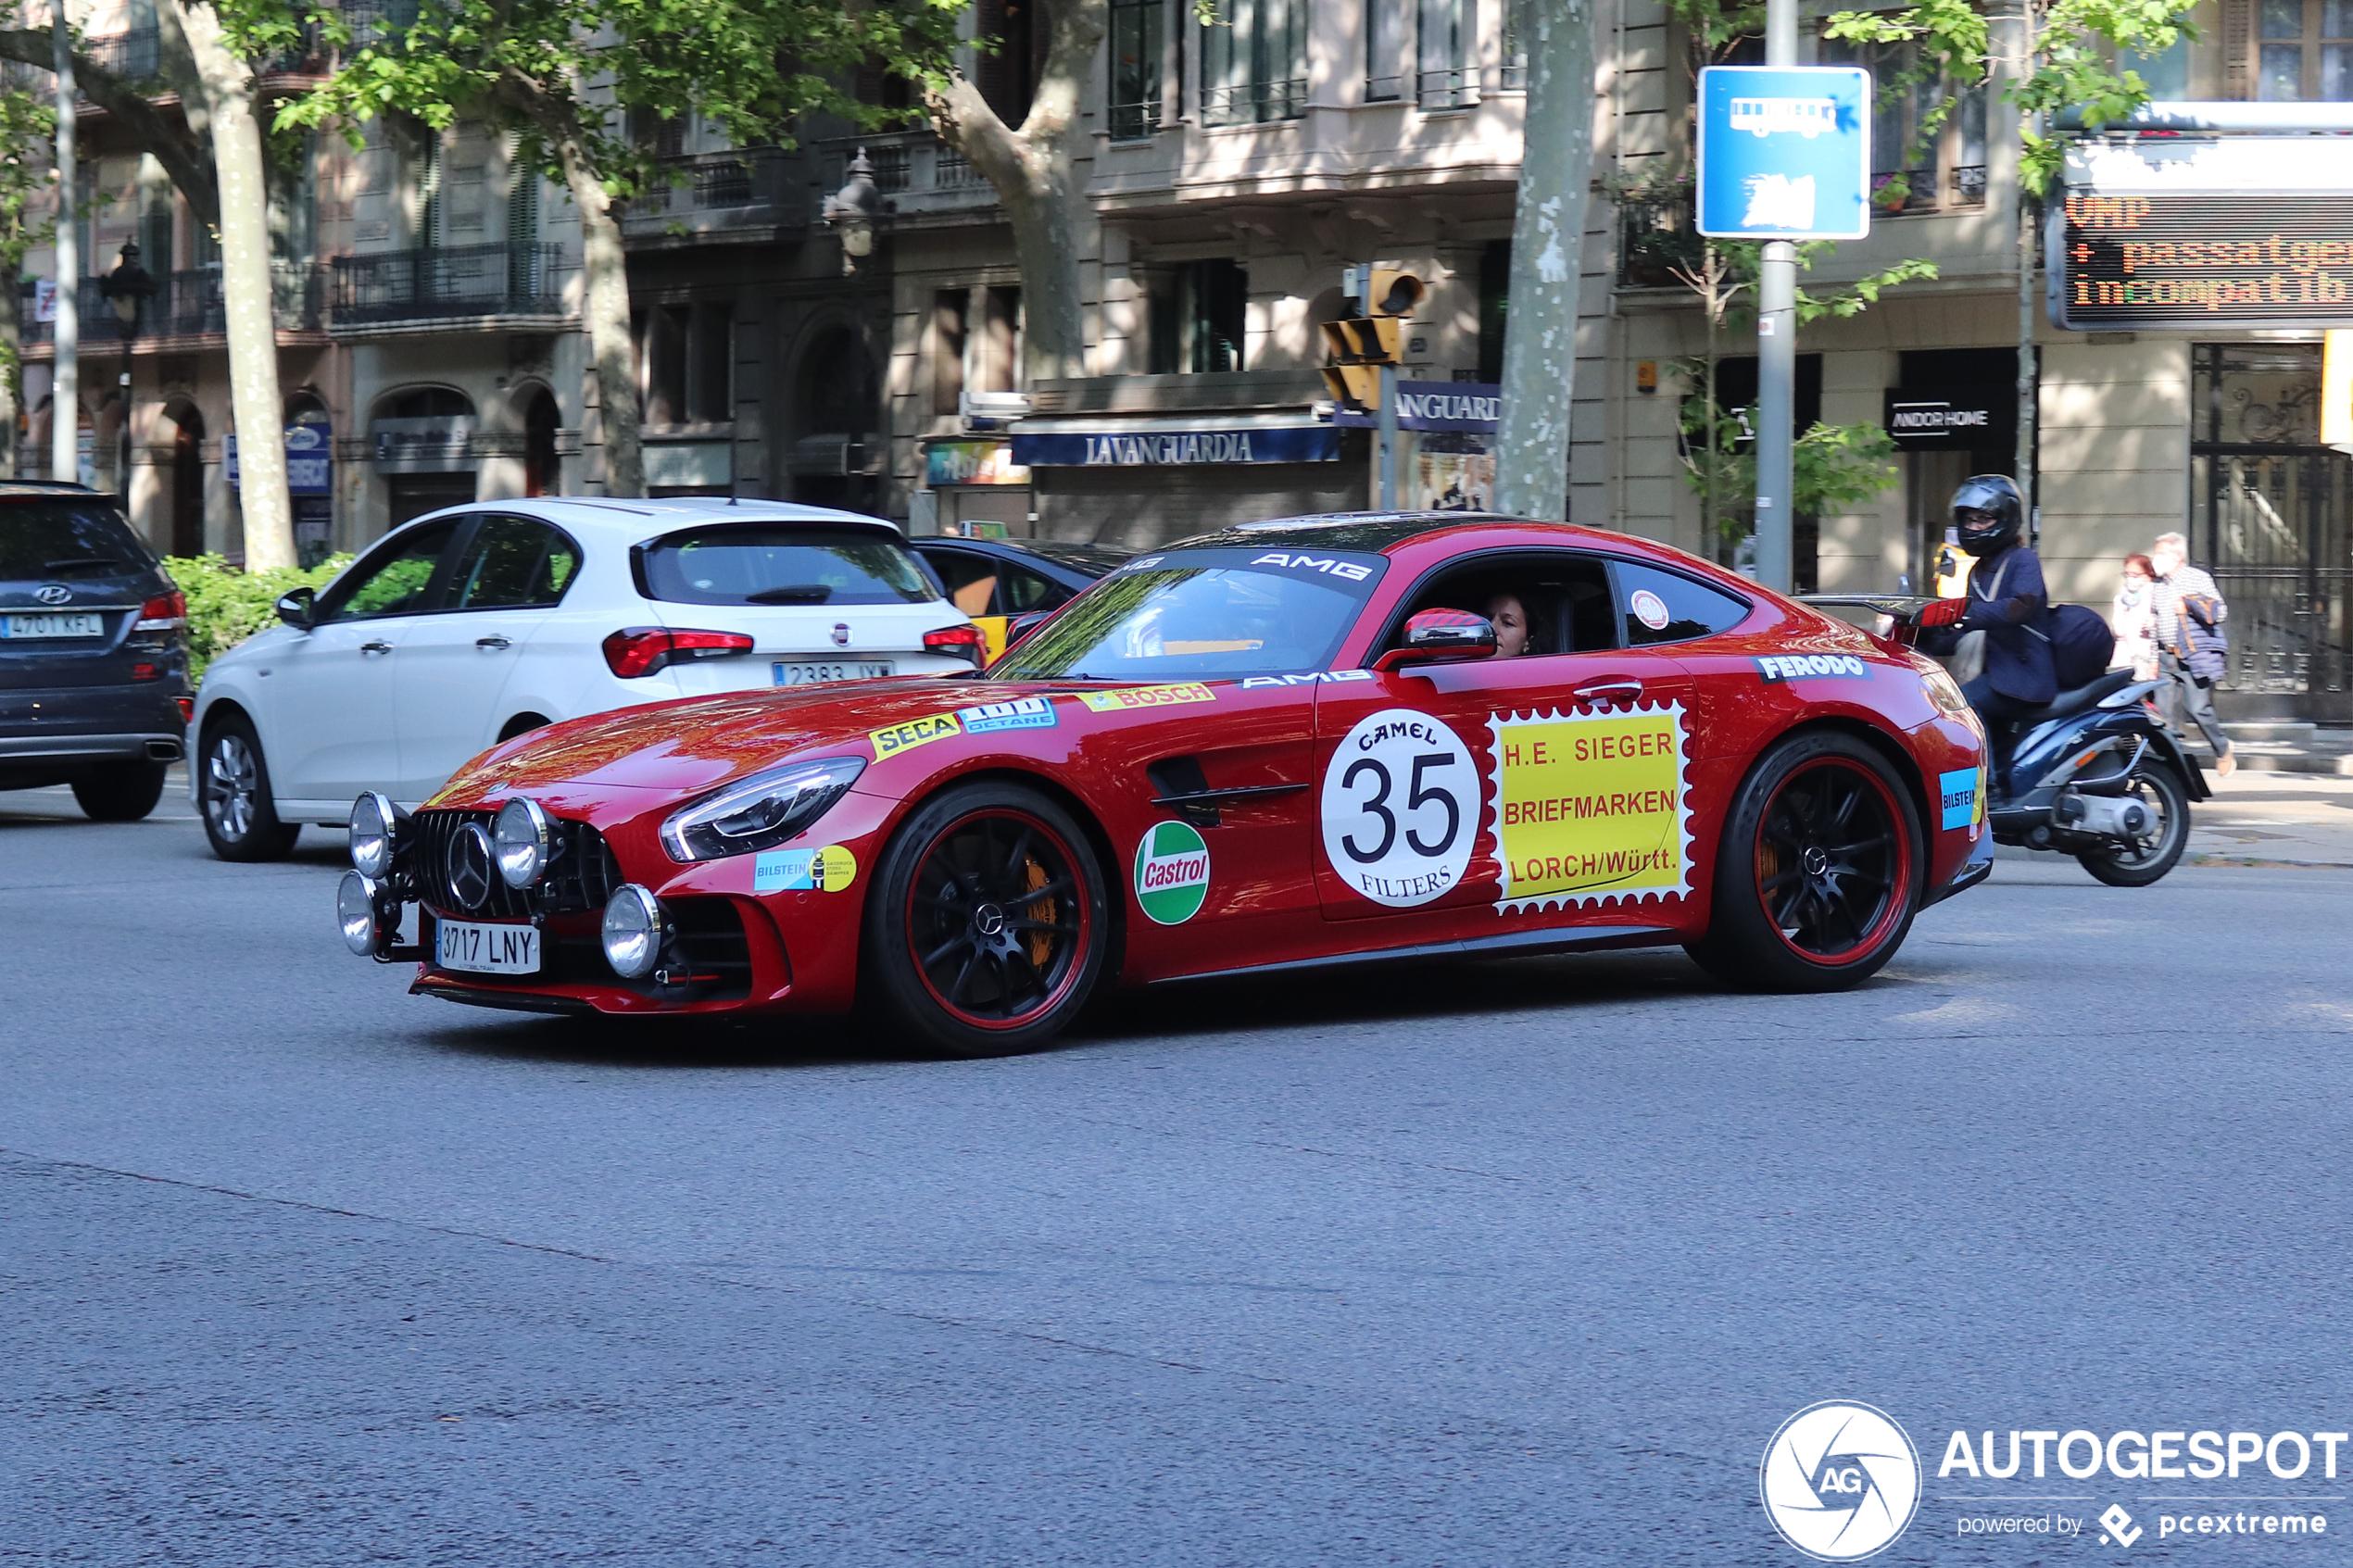 Mercedes-AMGGT R C190 Rote Sau